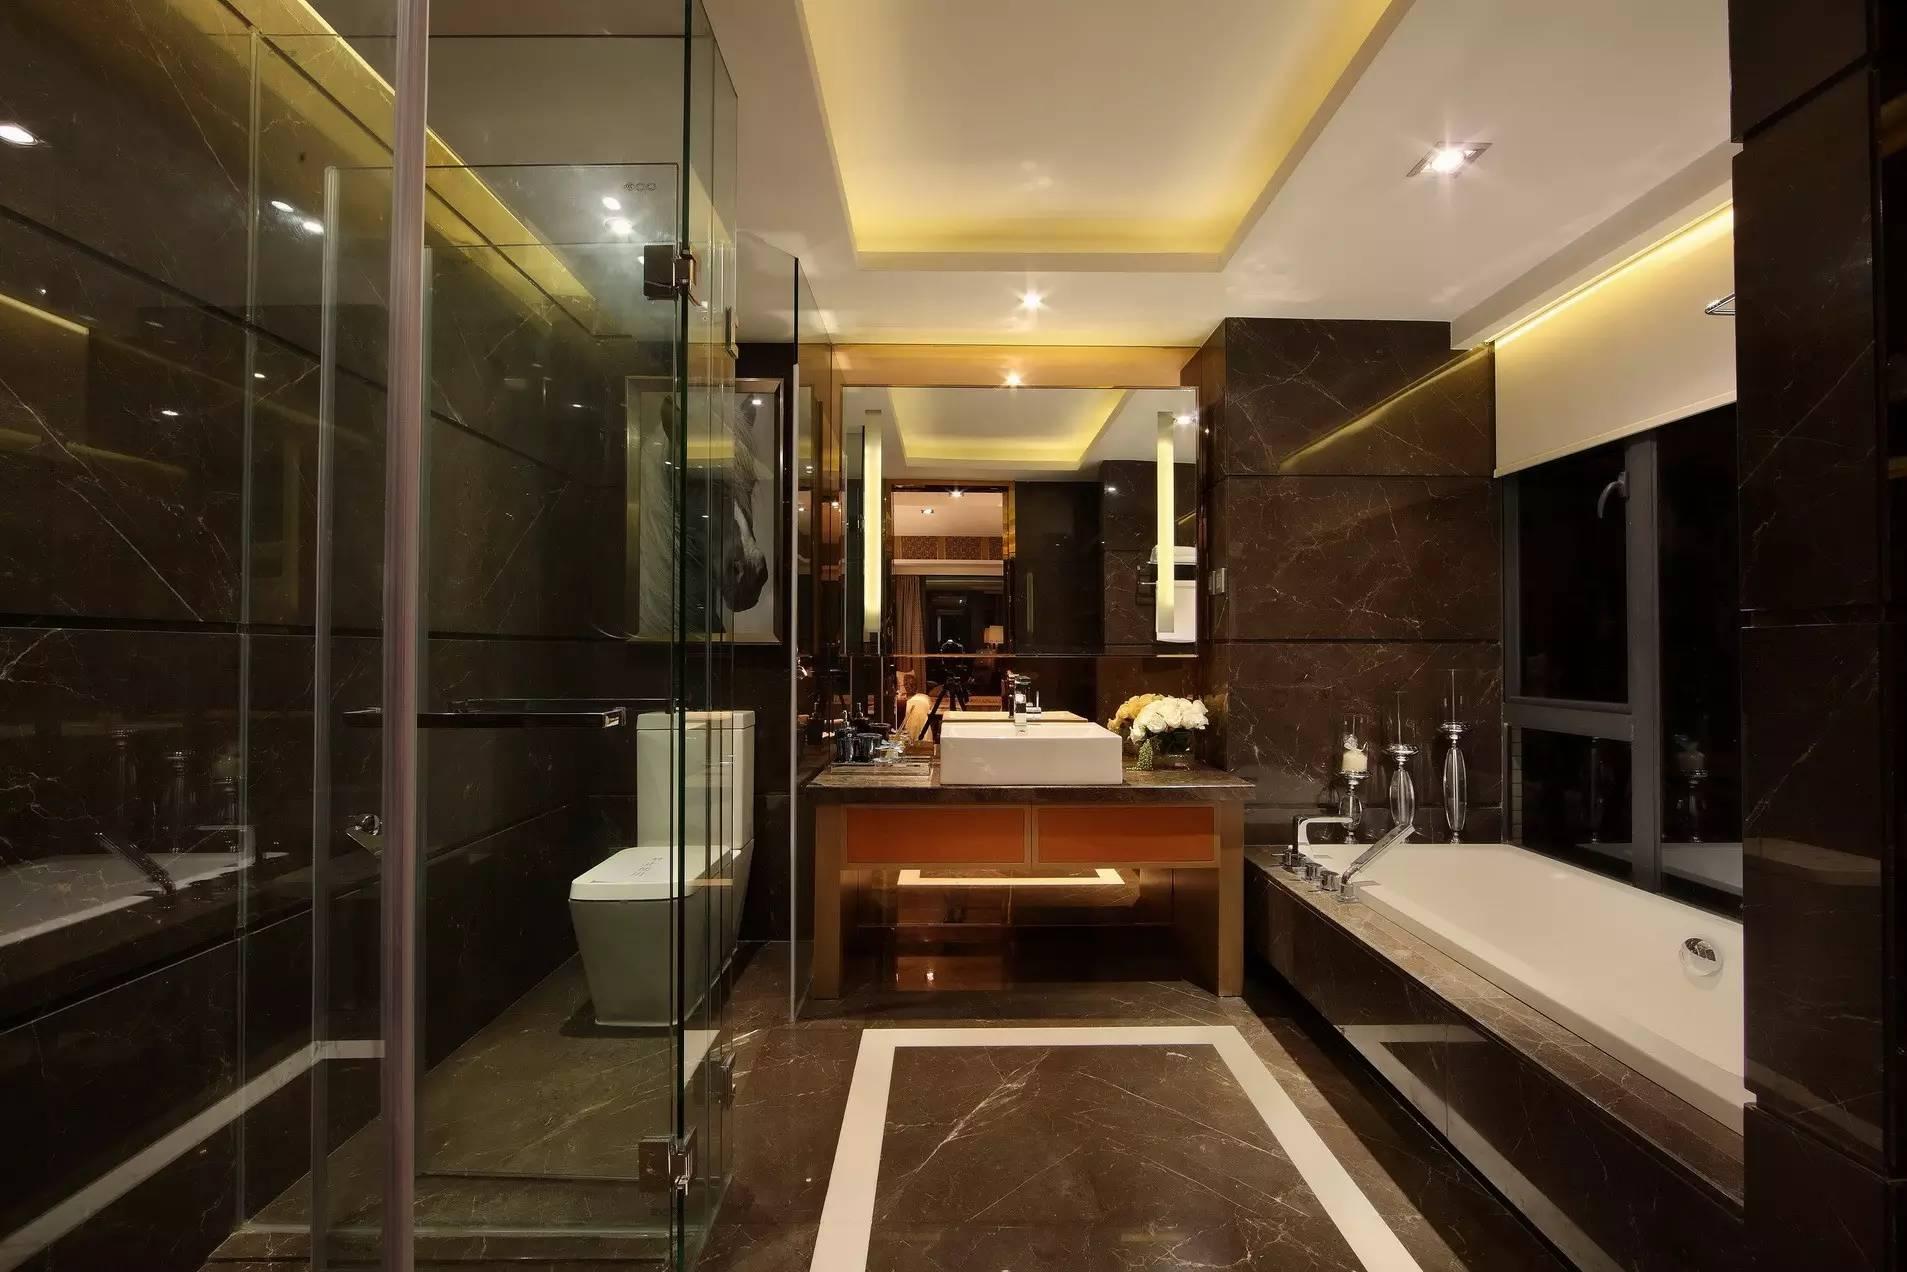 话说哪位女主人不想要拥有这样一款大大的浴缸呢?干湿分离的设计让生活更有质量。